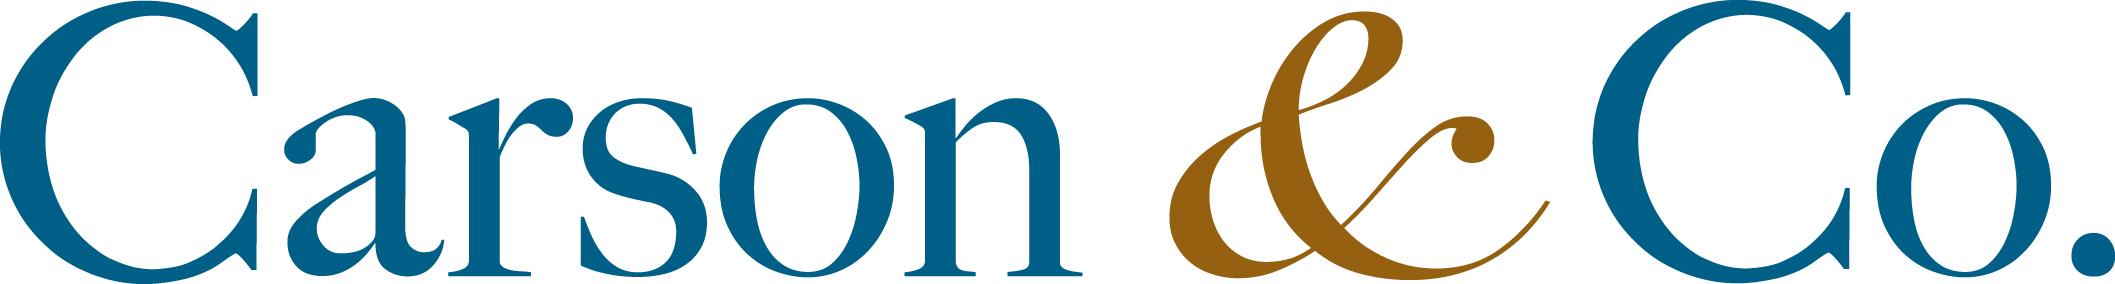 Carson & Co, Maidenhead logo